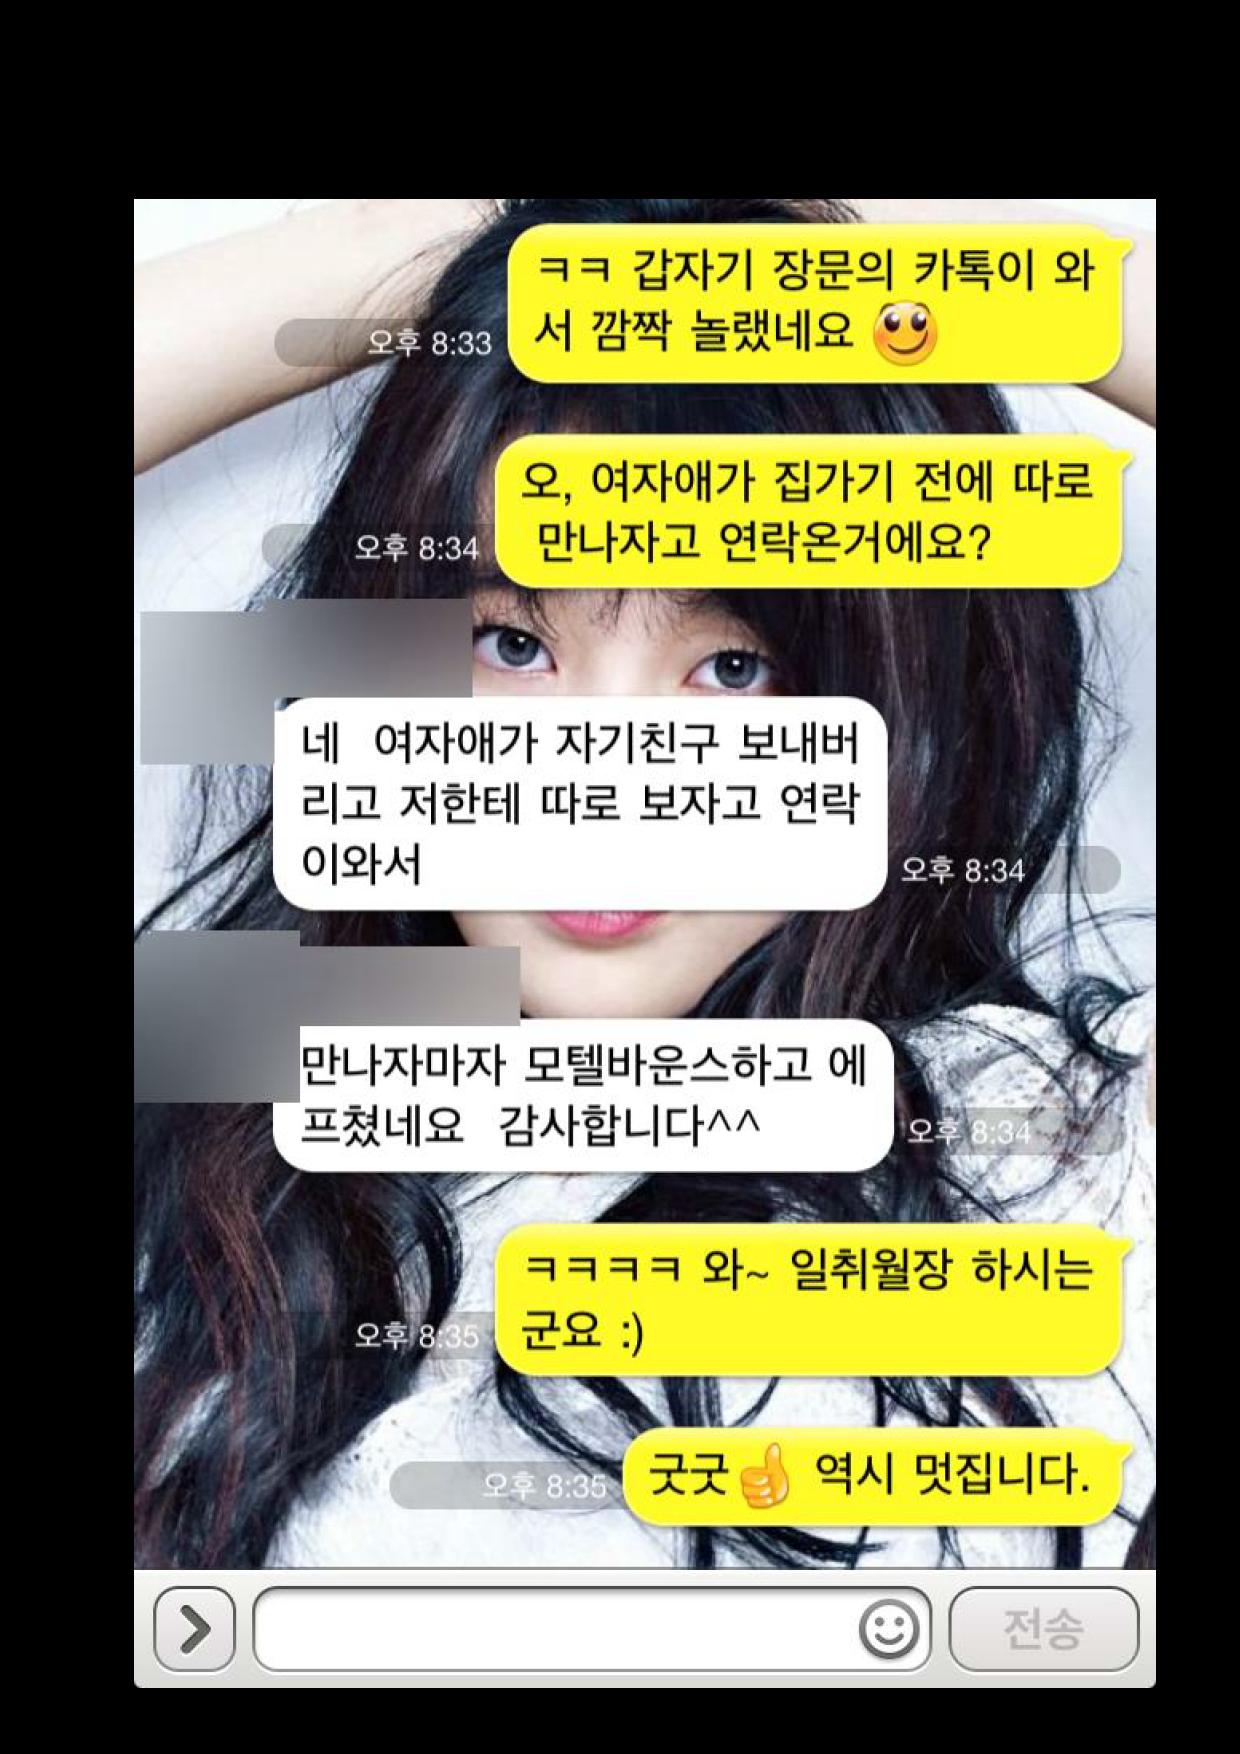 본 머티리어 1회차 홍보글(폰트 포함)_30.png